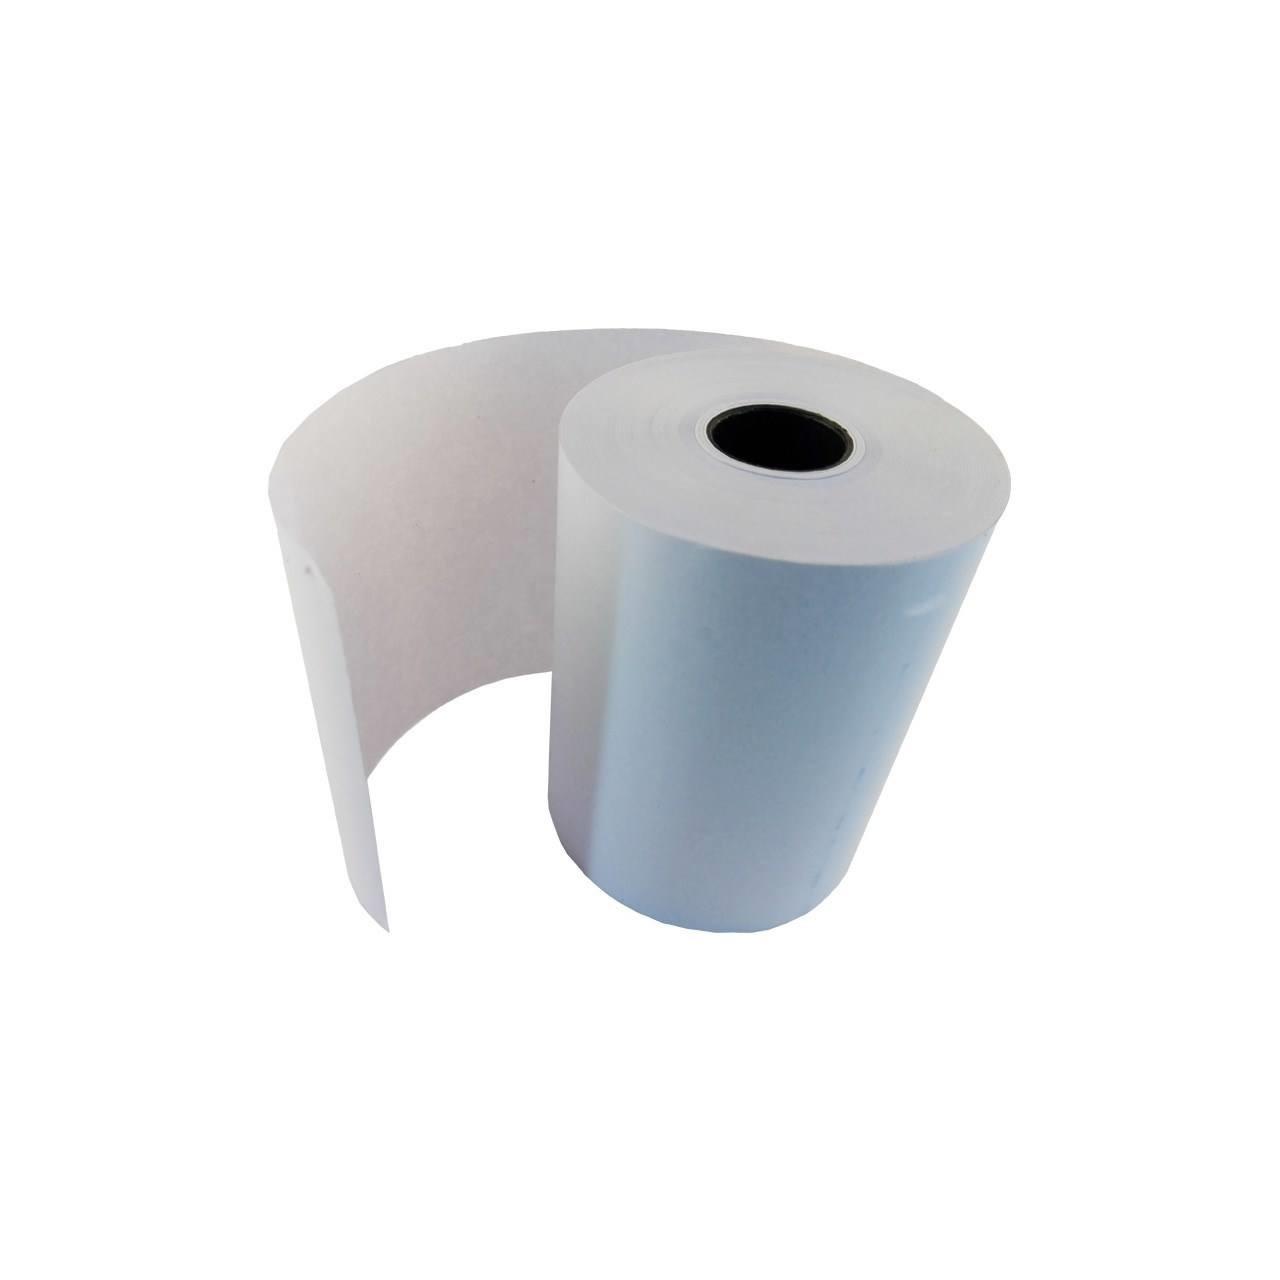 قیمت                      کاغذ مخصوص پرینتر حرارتی لیوکام مدل 50M عرض 79 میلی متر بسته 12 عددی